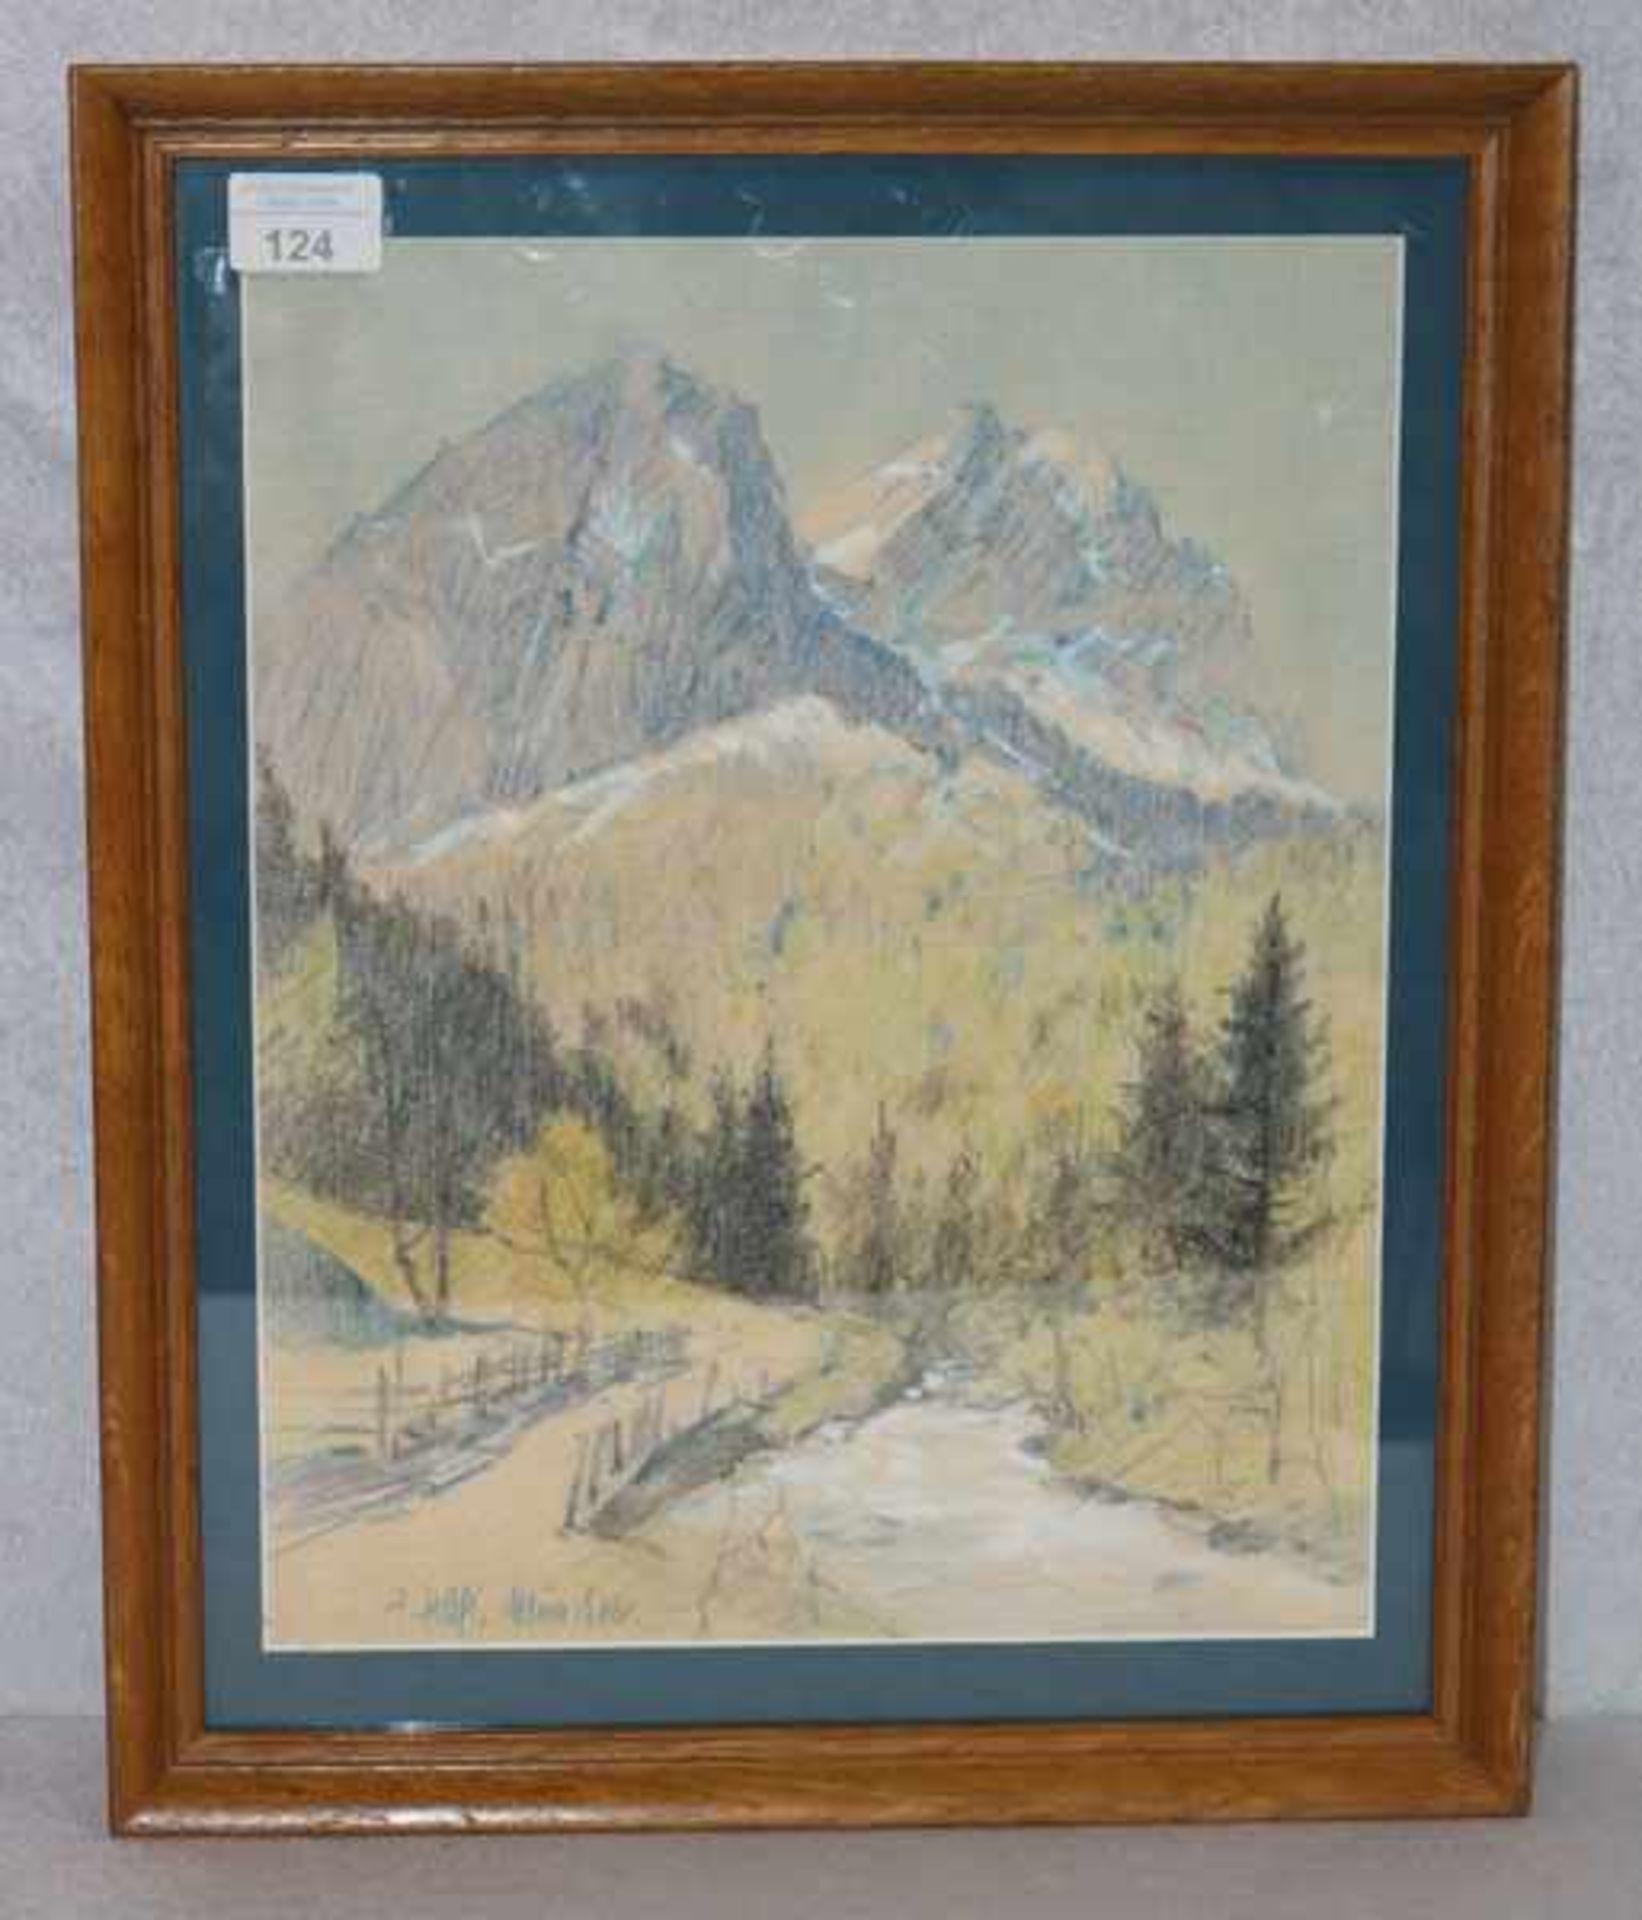 Los 124 - Gemälde Mischtechnik 'Waxensteine mit Bachlauf', signiert F. Hass, München, * 1902 München + 1994,